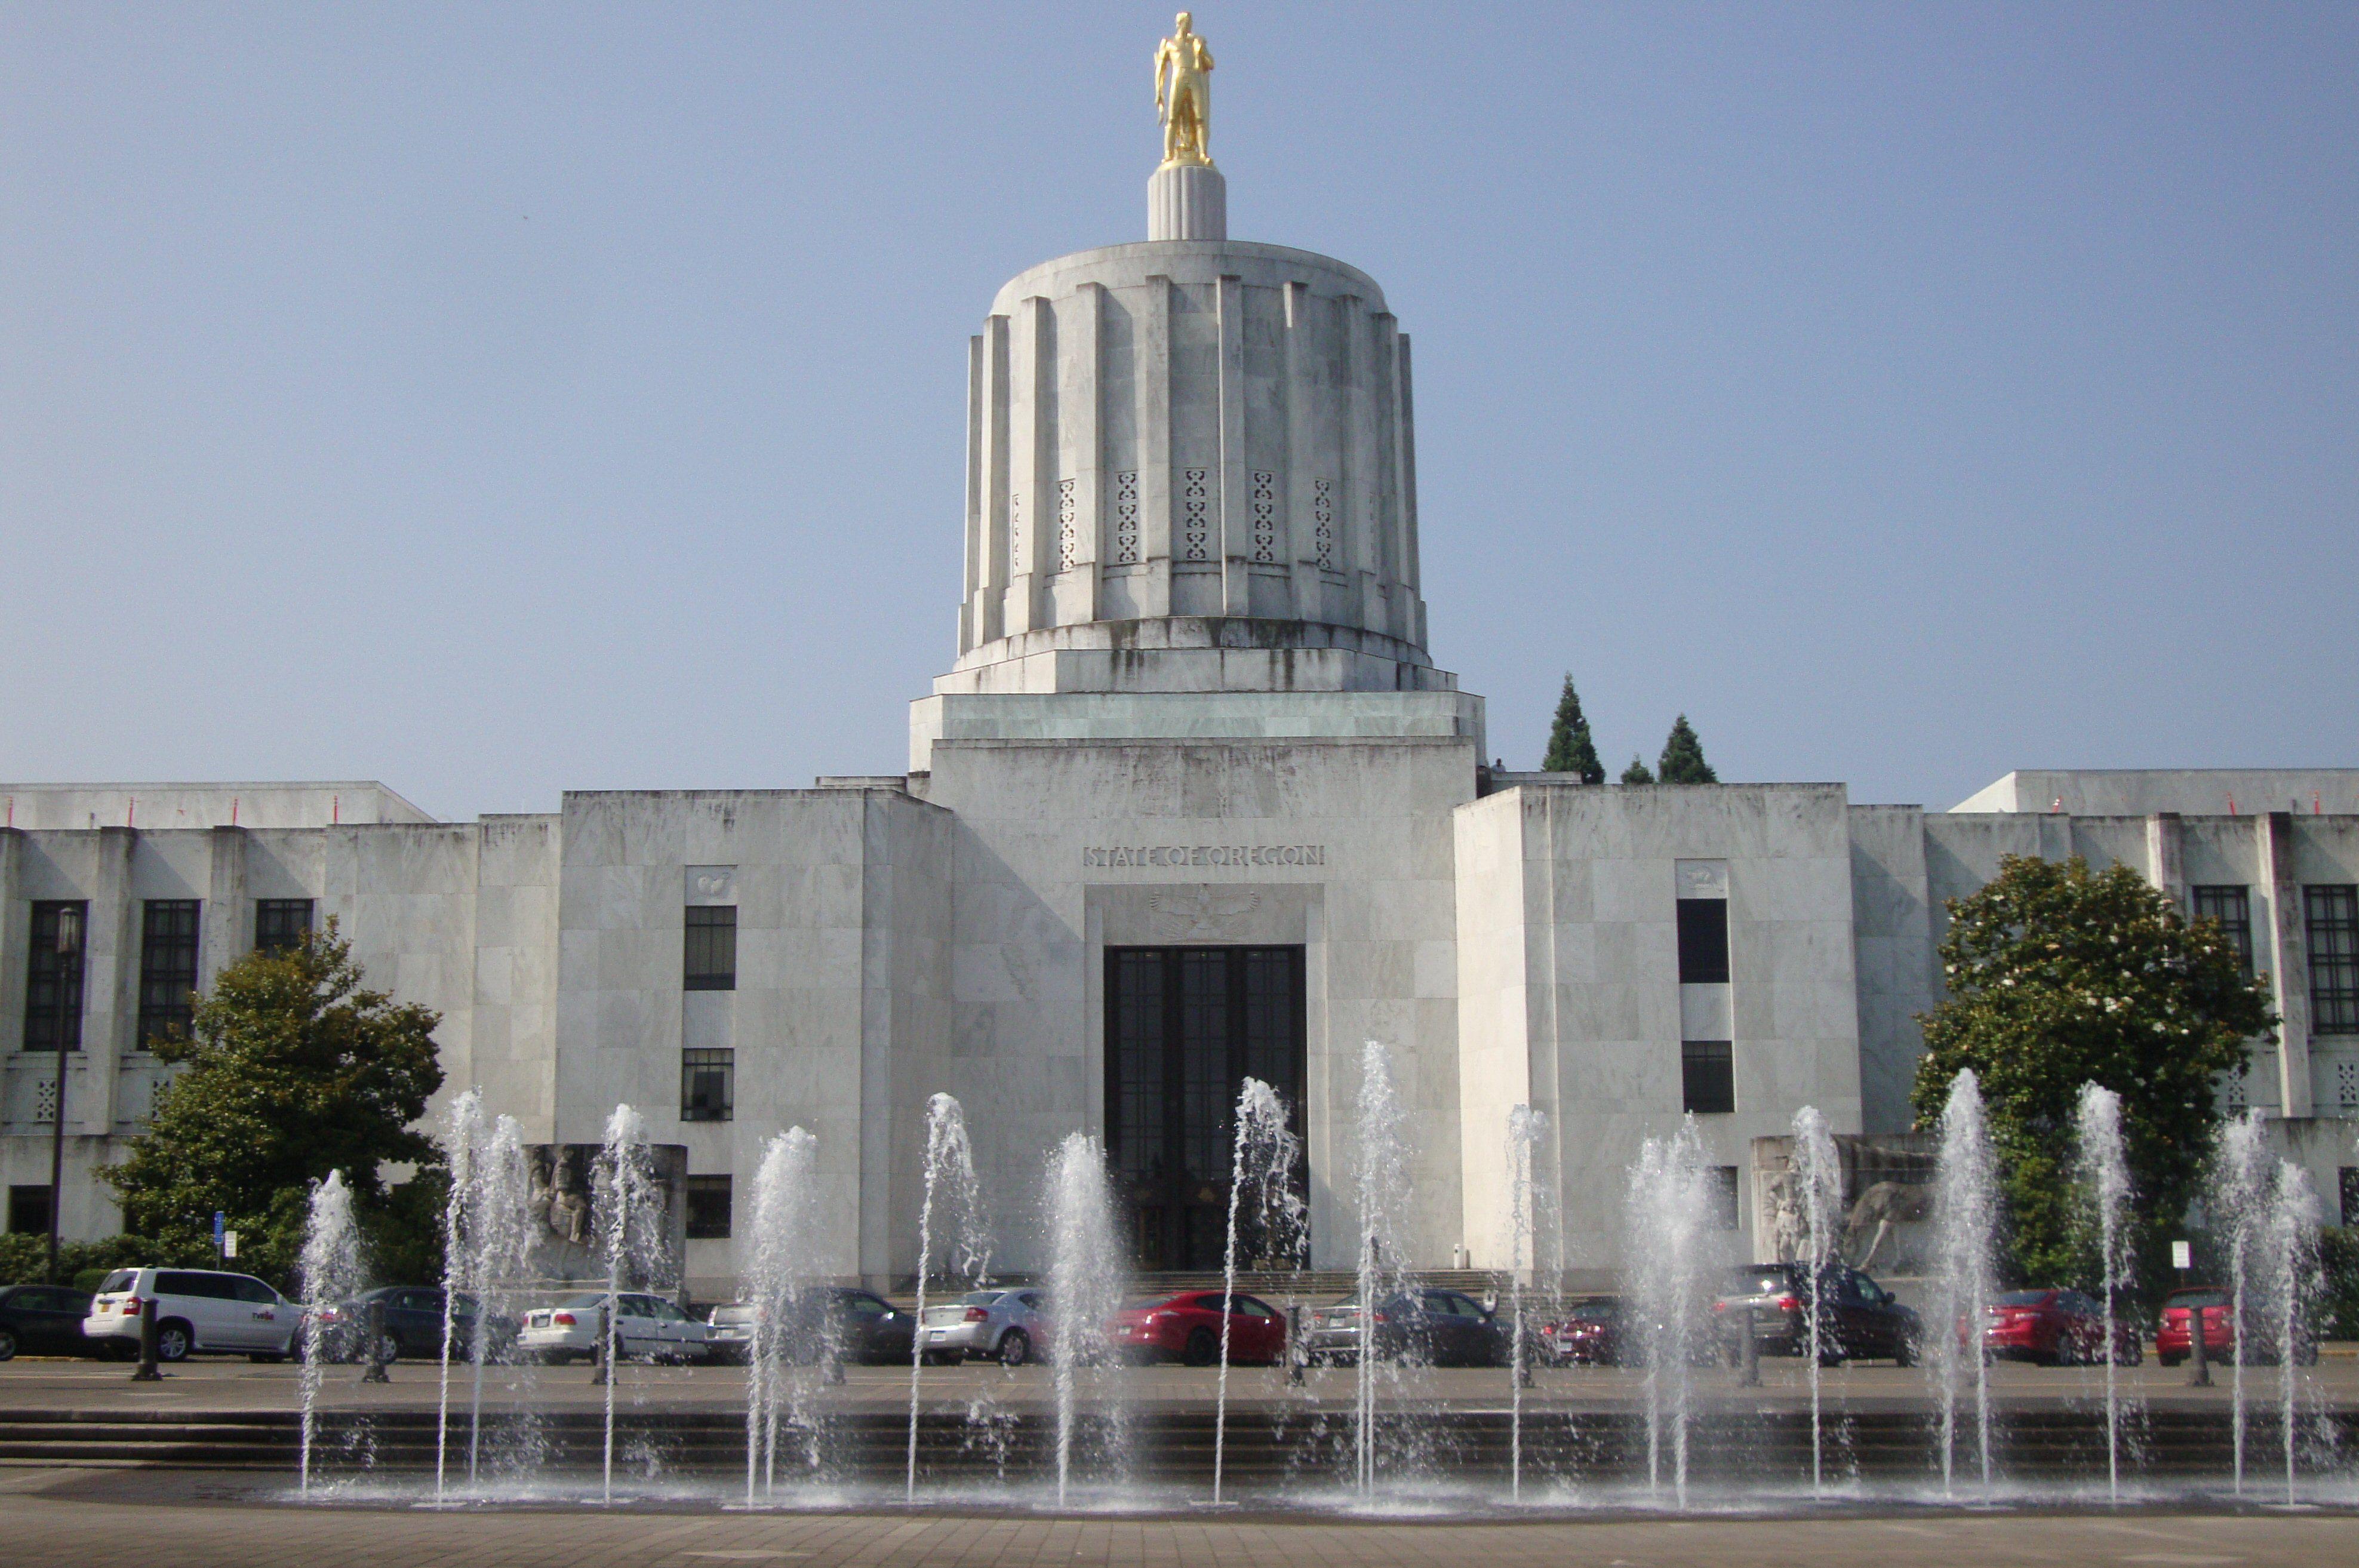 El Capitolio del Estado de Oregón, estilo Art Deco